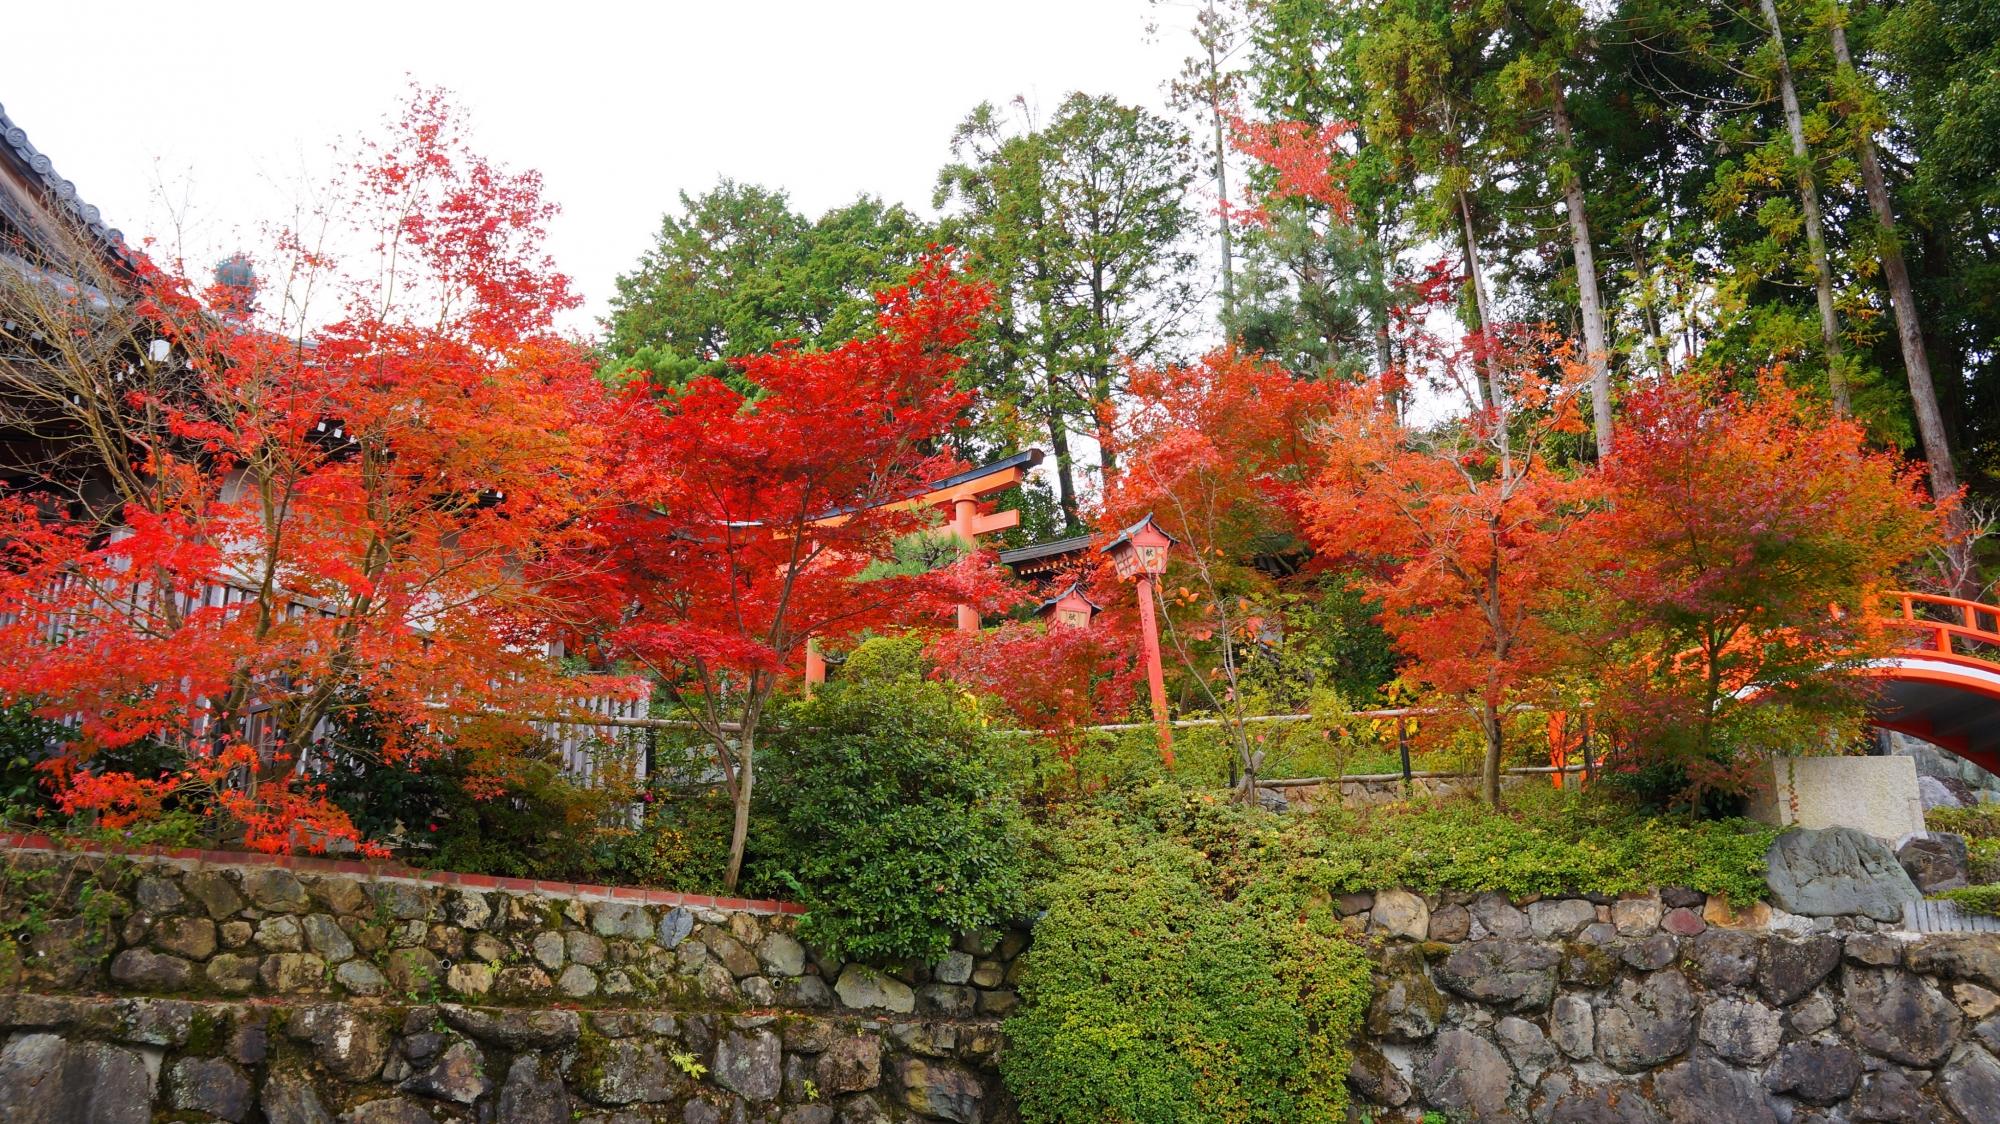 正法寺の春日稲荷社と多彩な紅葉